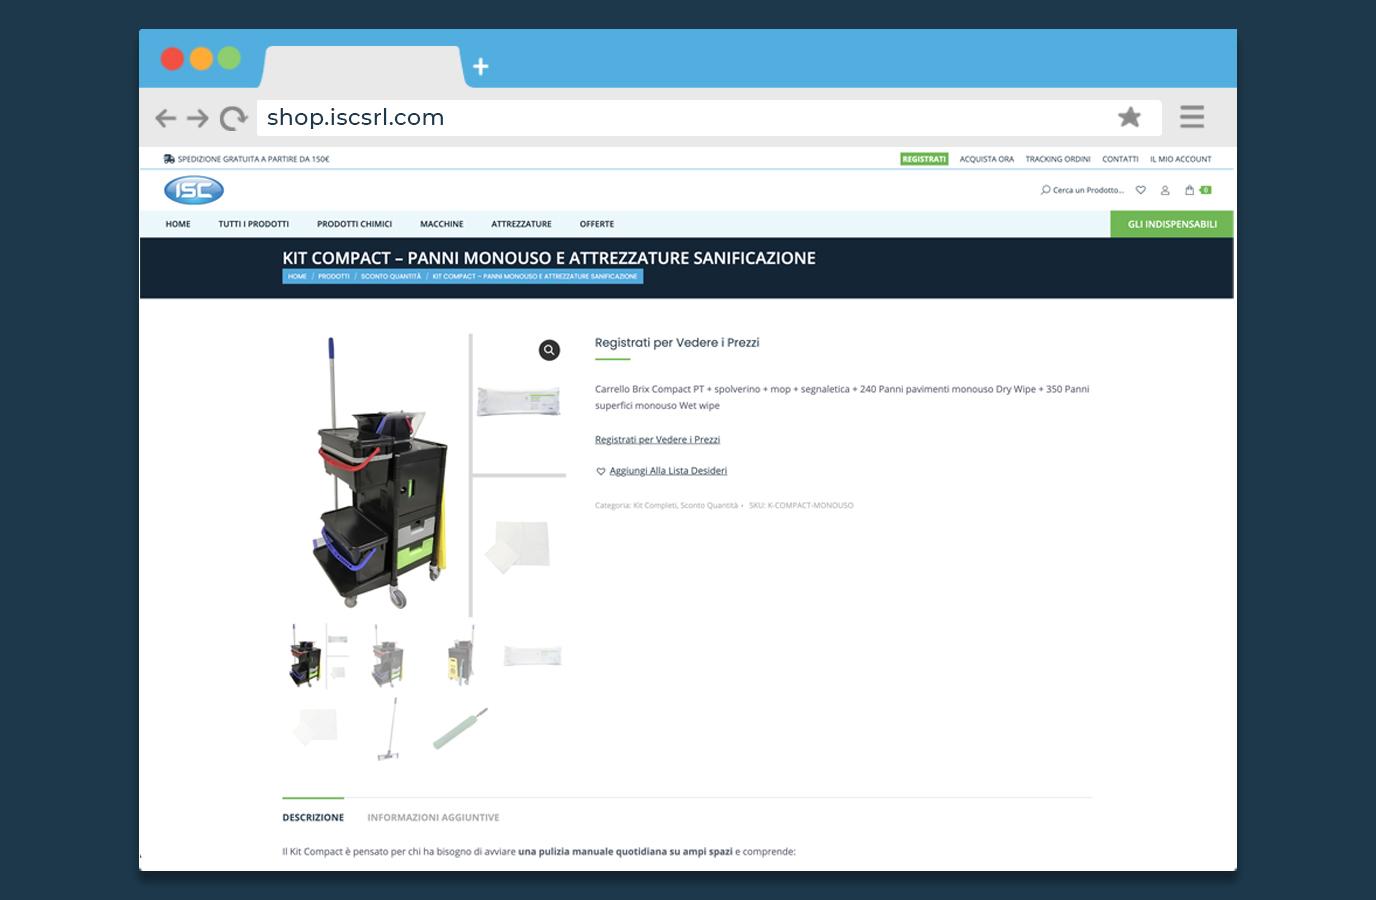 Carrello Kit Compact Pagina tipo di prodotto